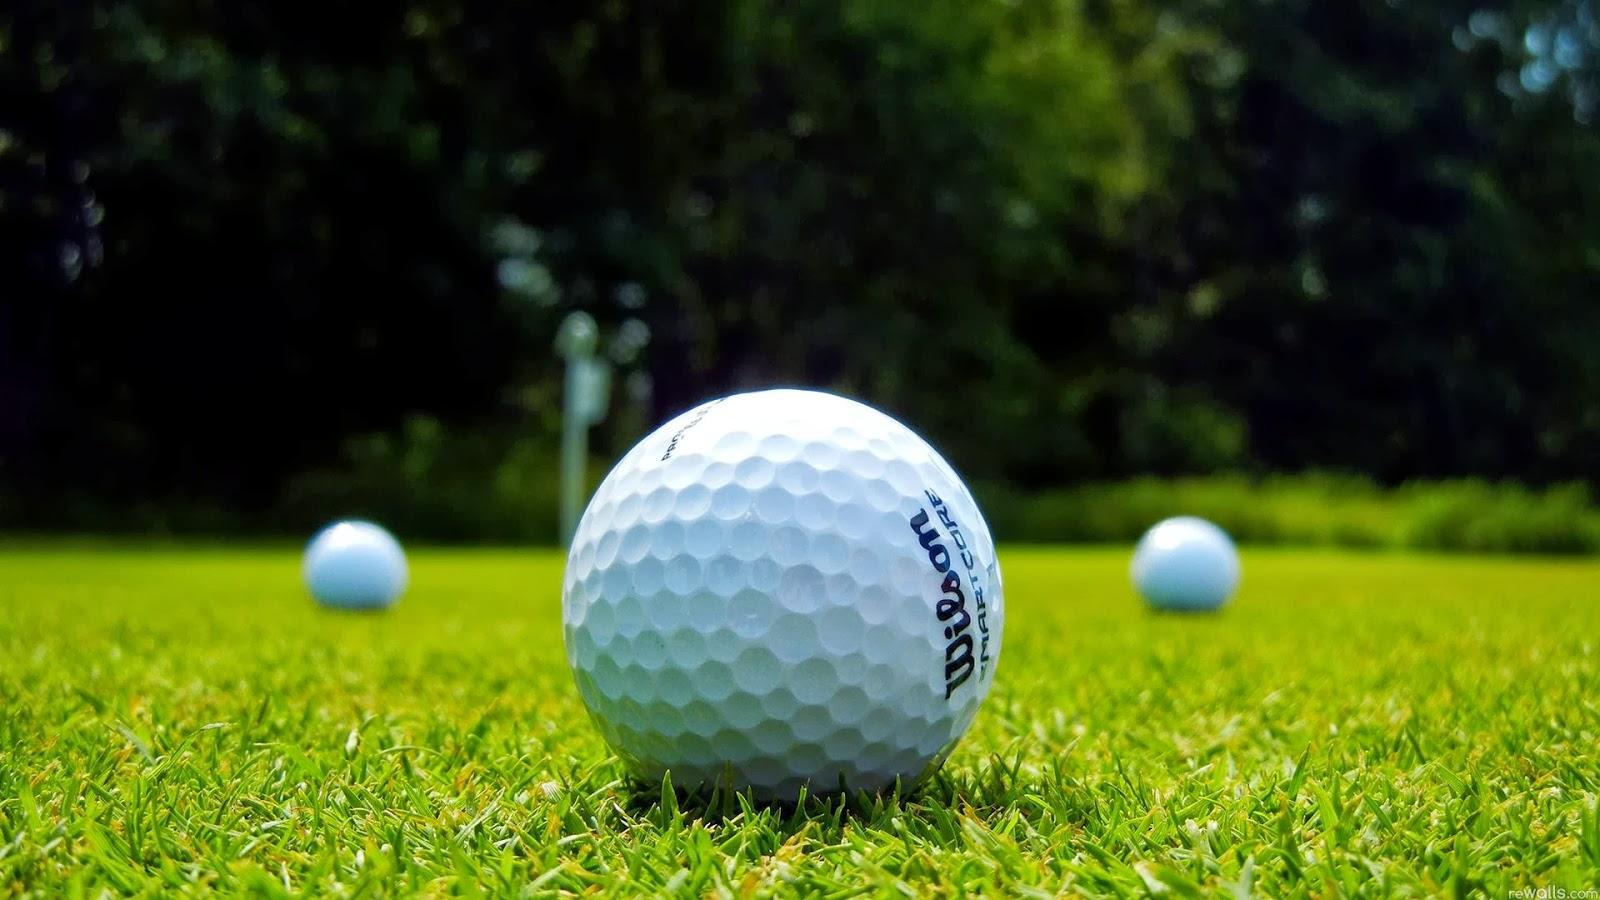 Bóng golf là phụ kiện golf cần thiết khi chơi golf